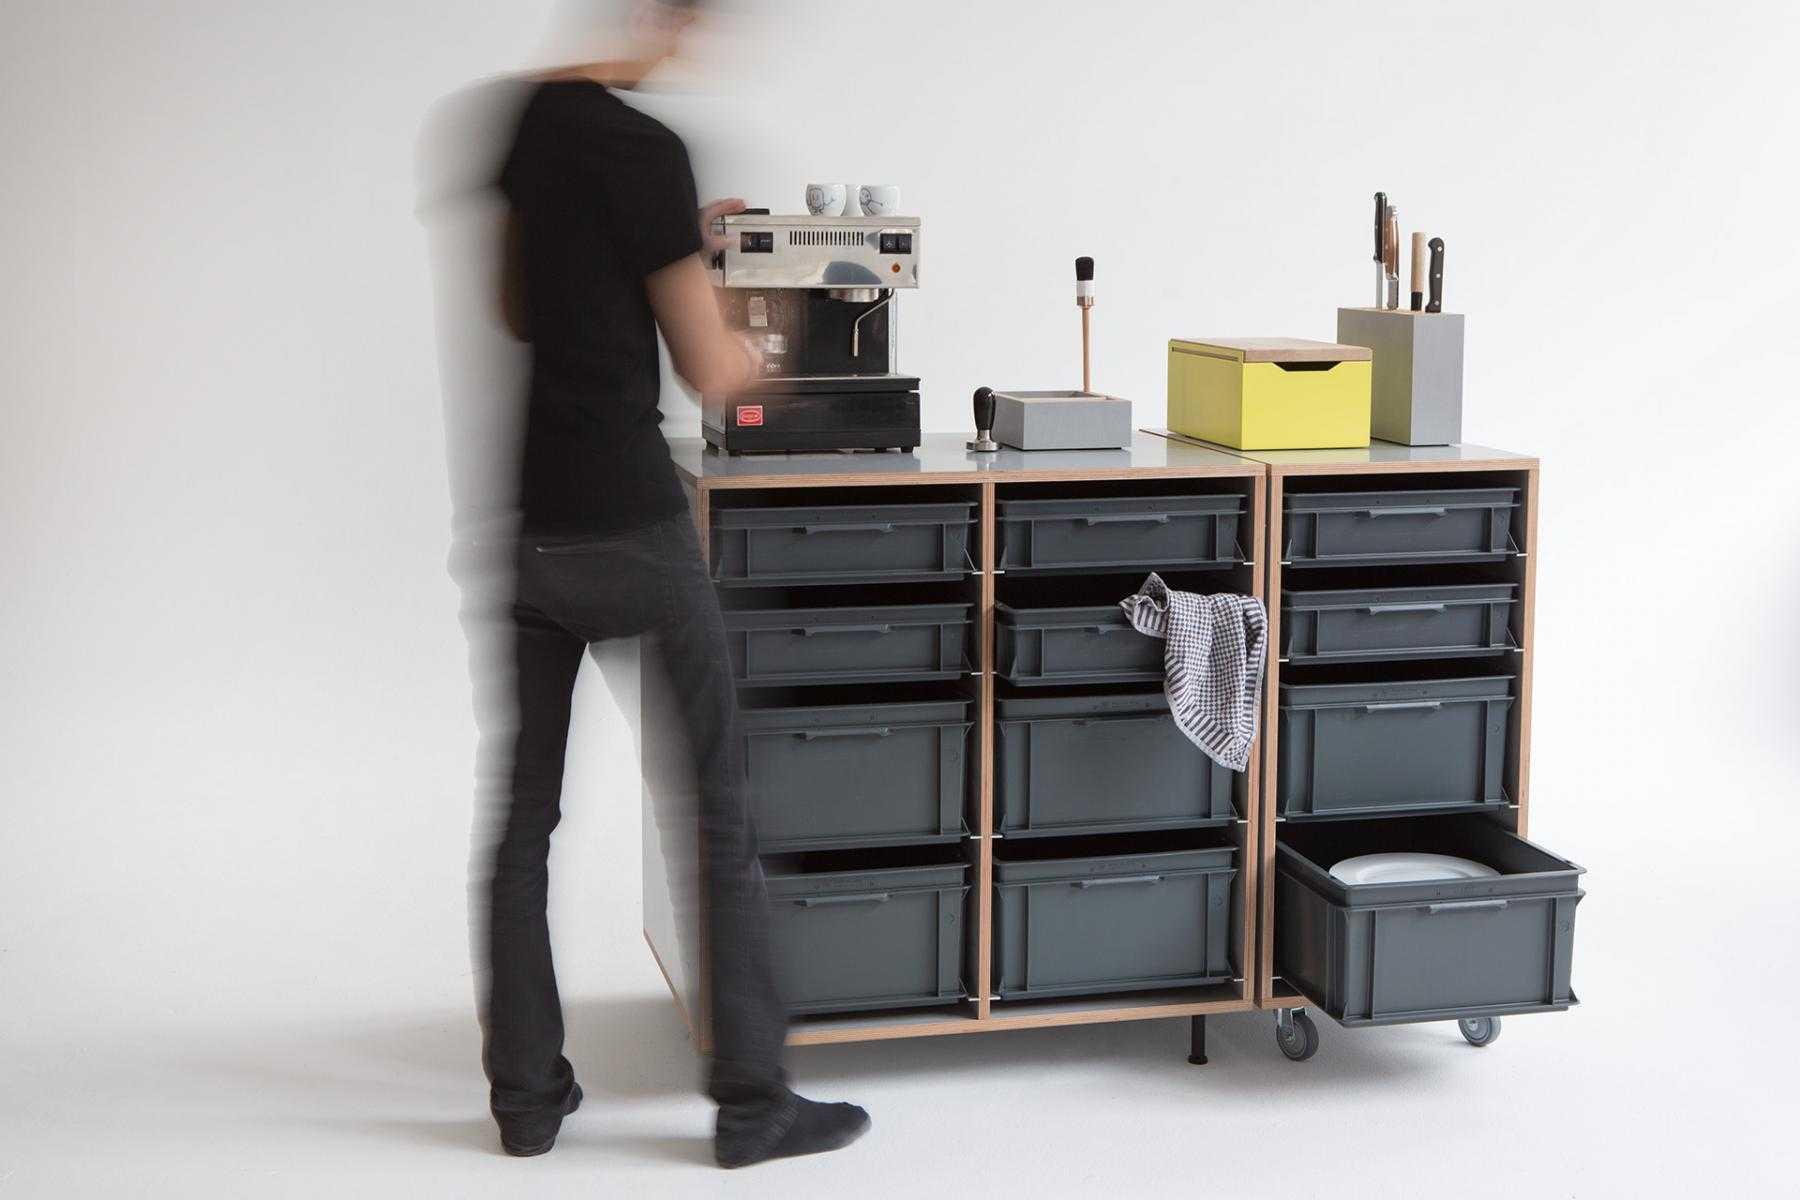 45 kilo online shop kauf m bel lampen design bei pamono. Black Bedroom Furniture Sets. Home Design Ideas